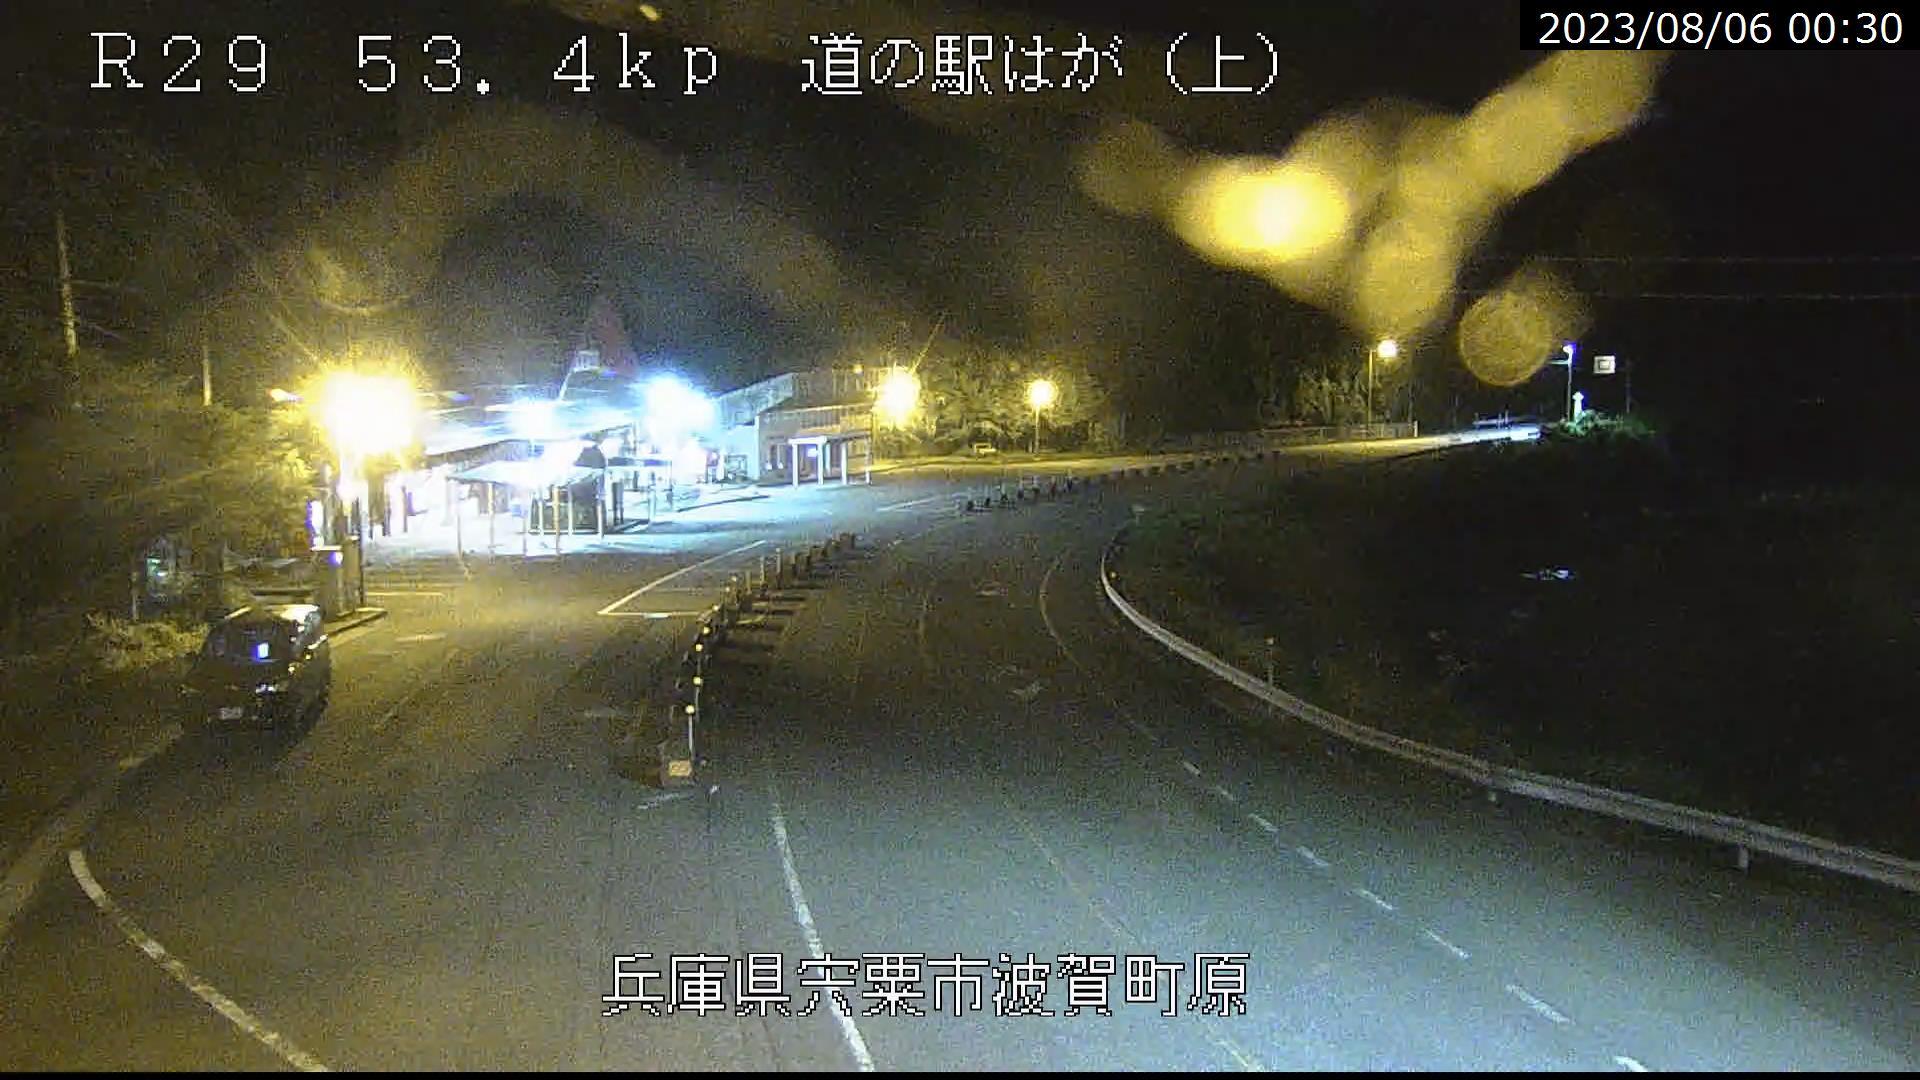 道の駅 はがの現在のライブカメラ